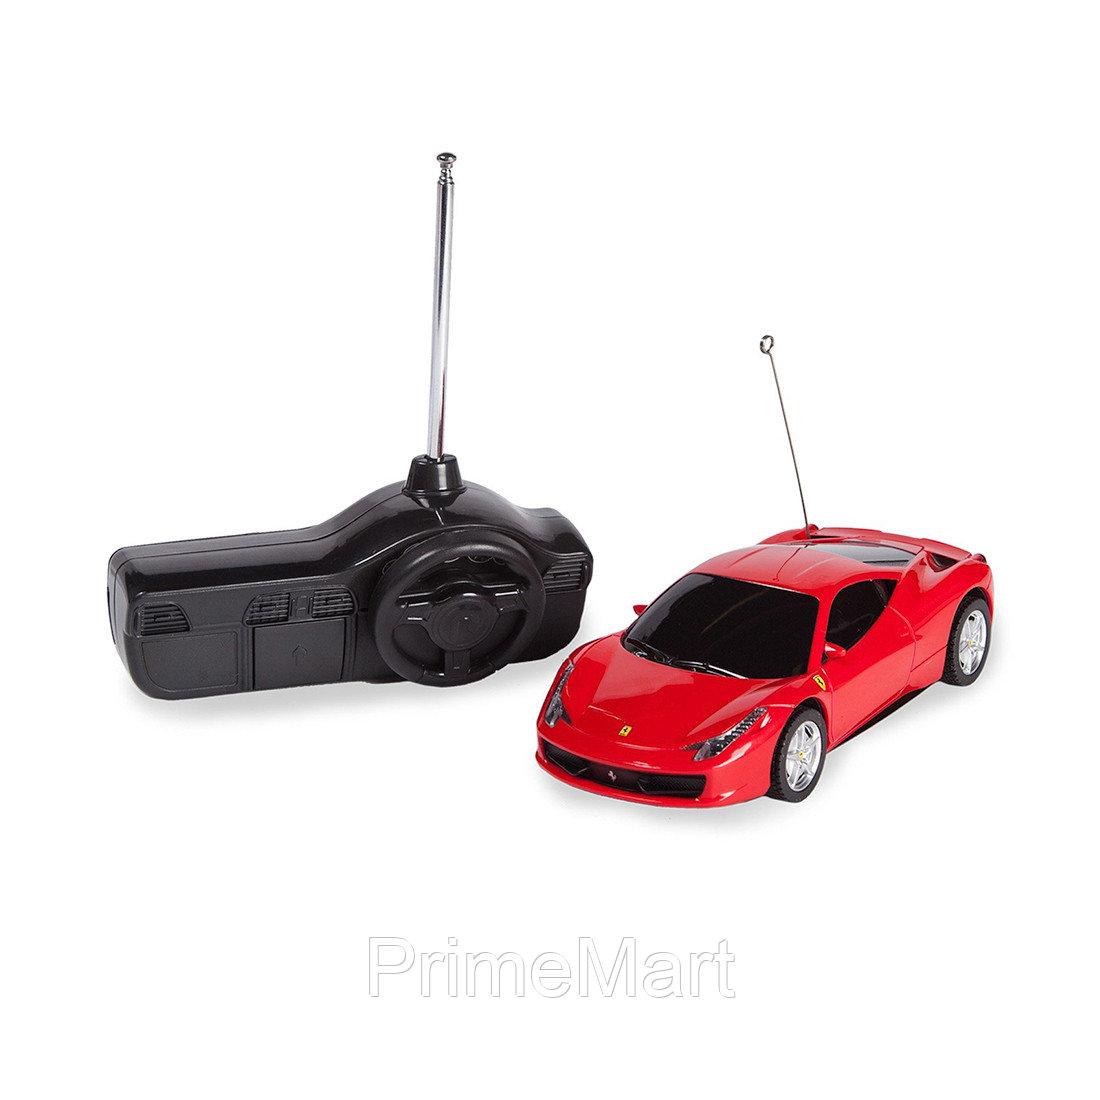 Радиоуправляемая машина, RASTAR, 60500R, 1:32, Ferrari 458 Italia, Пластик, 27 Mhz, Красная